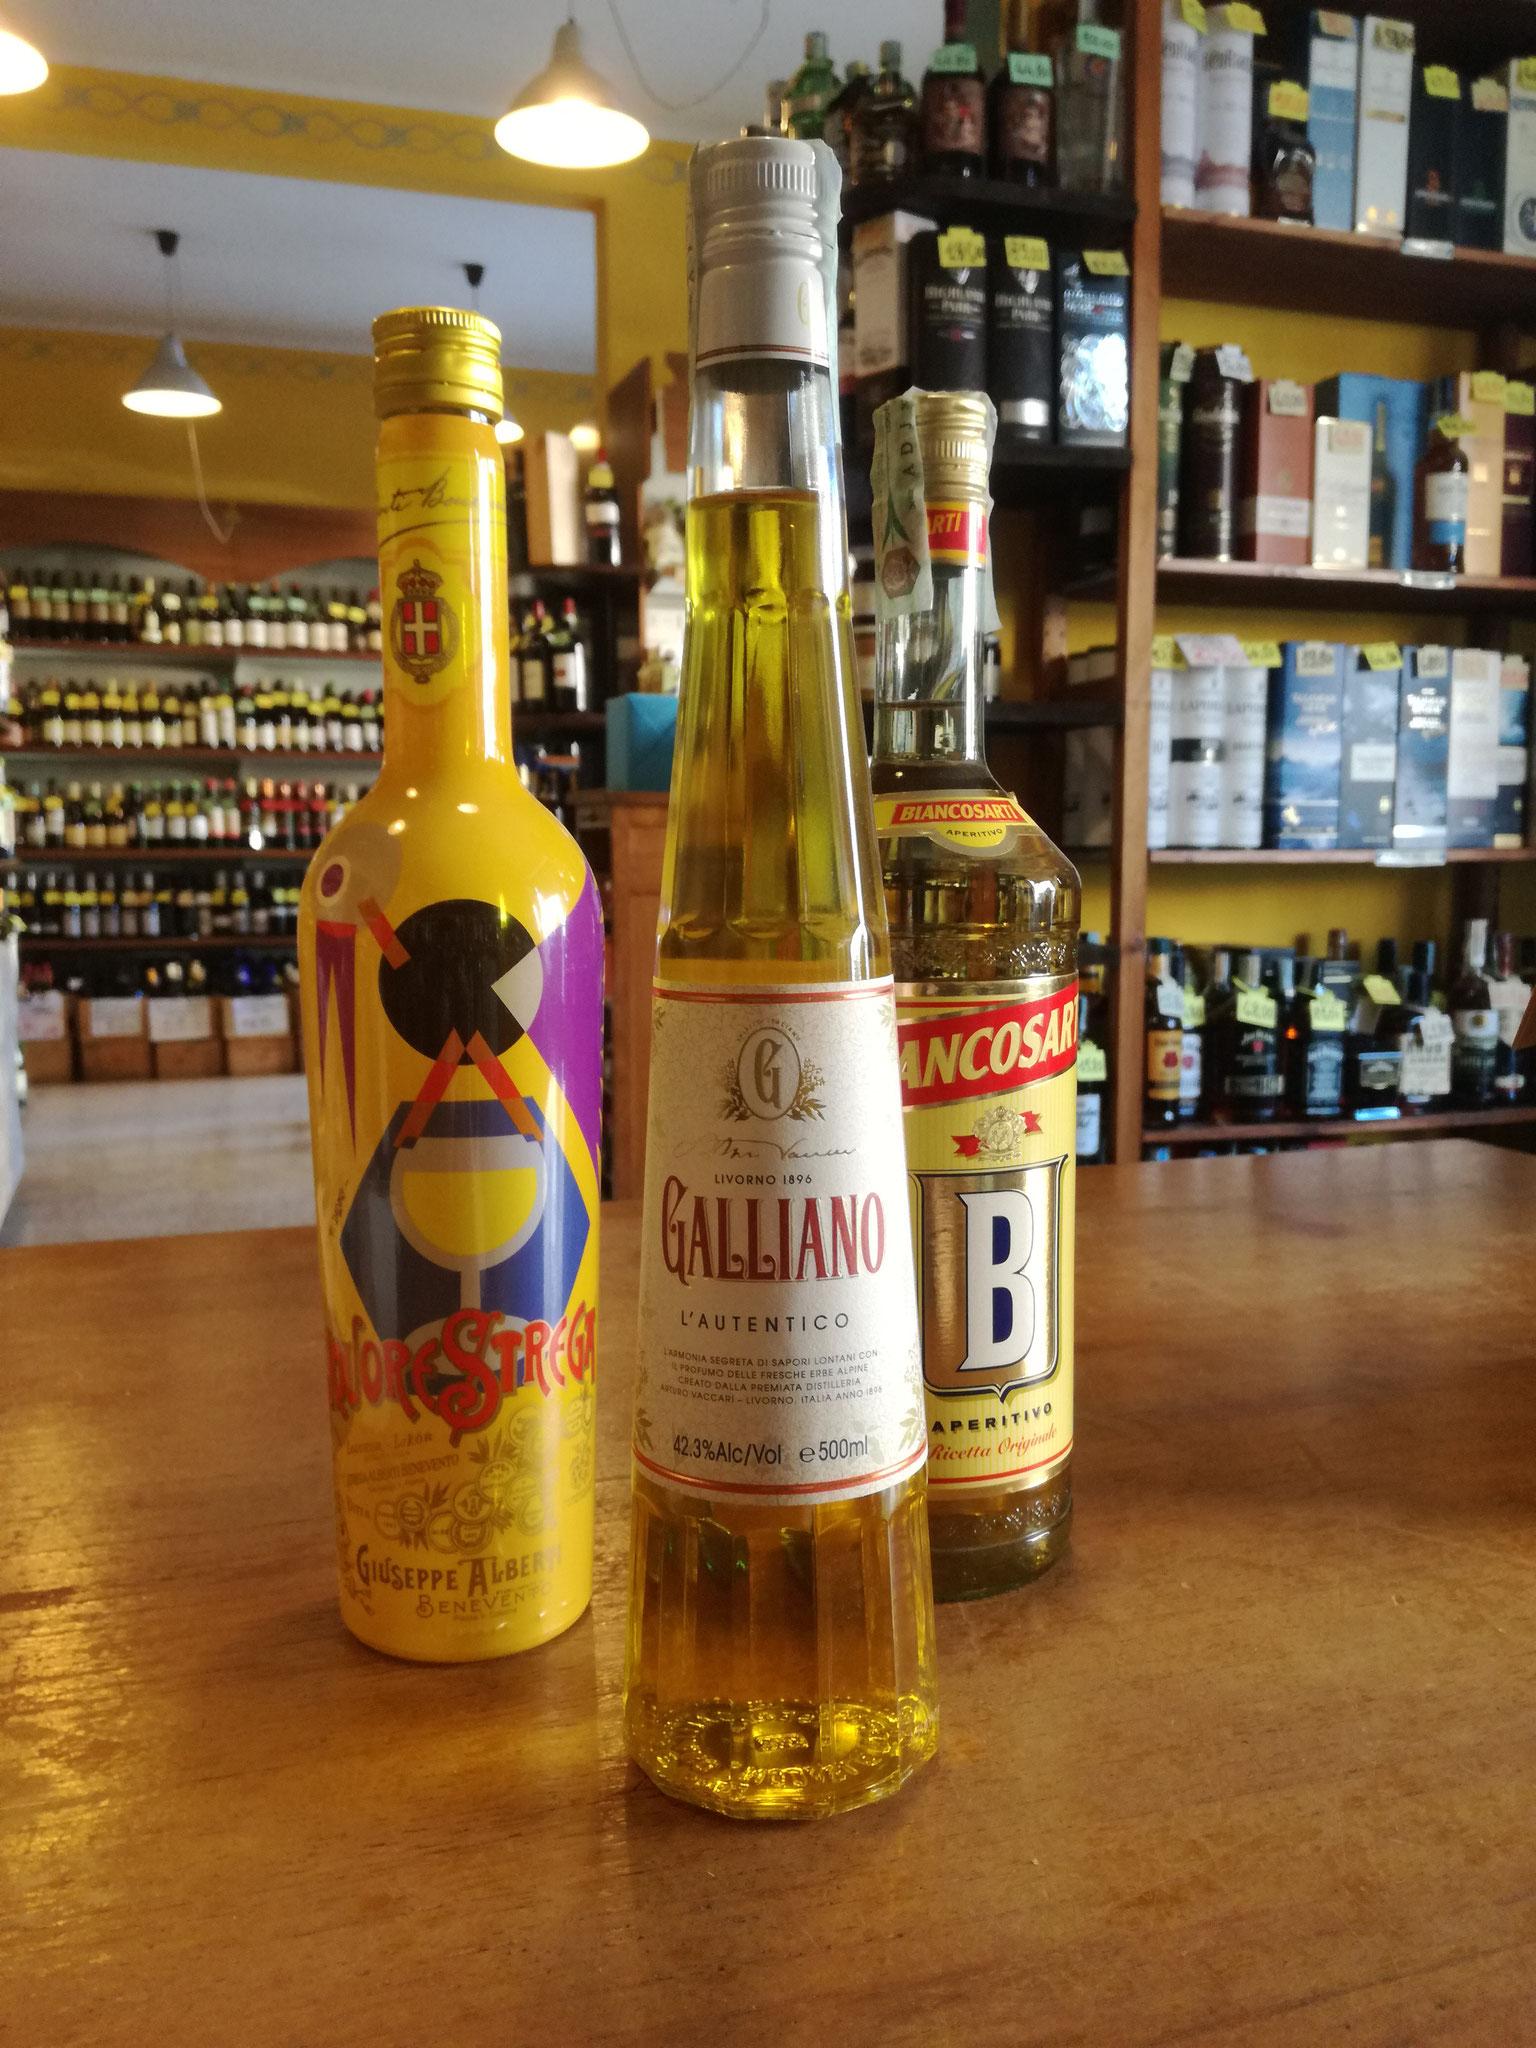 Liquore Strega, Galliano, Bianco Sarti: spezie, fiori e erbe mediterranee al naso - zafferano, cannella, ginepro, radici e cortecce il gusto